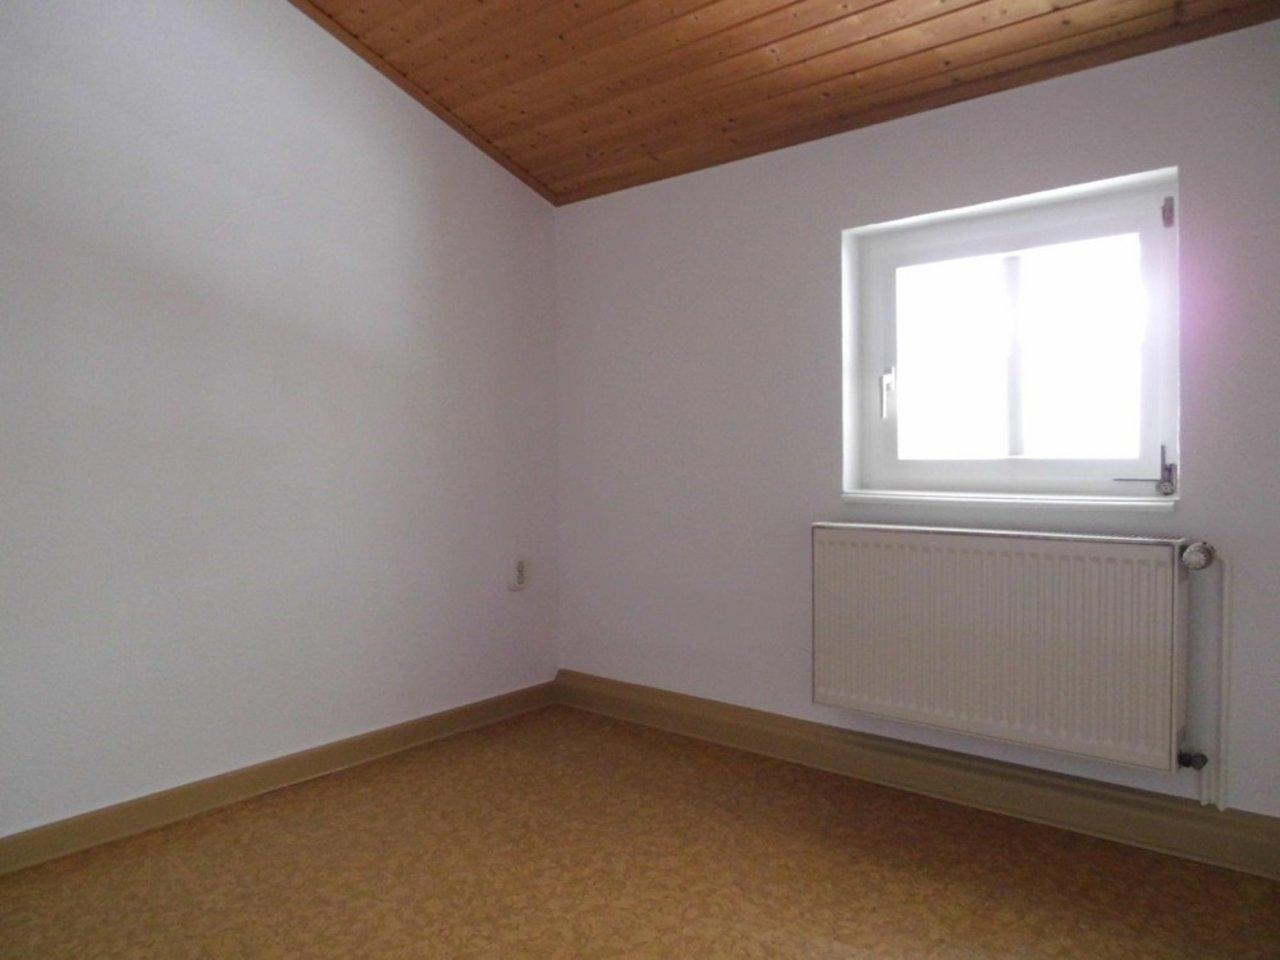 Reizvolle, großzügige DG-Wohnung mit viel Raum und individueller Gestaltung-Kleines Zimmer